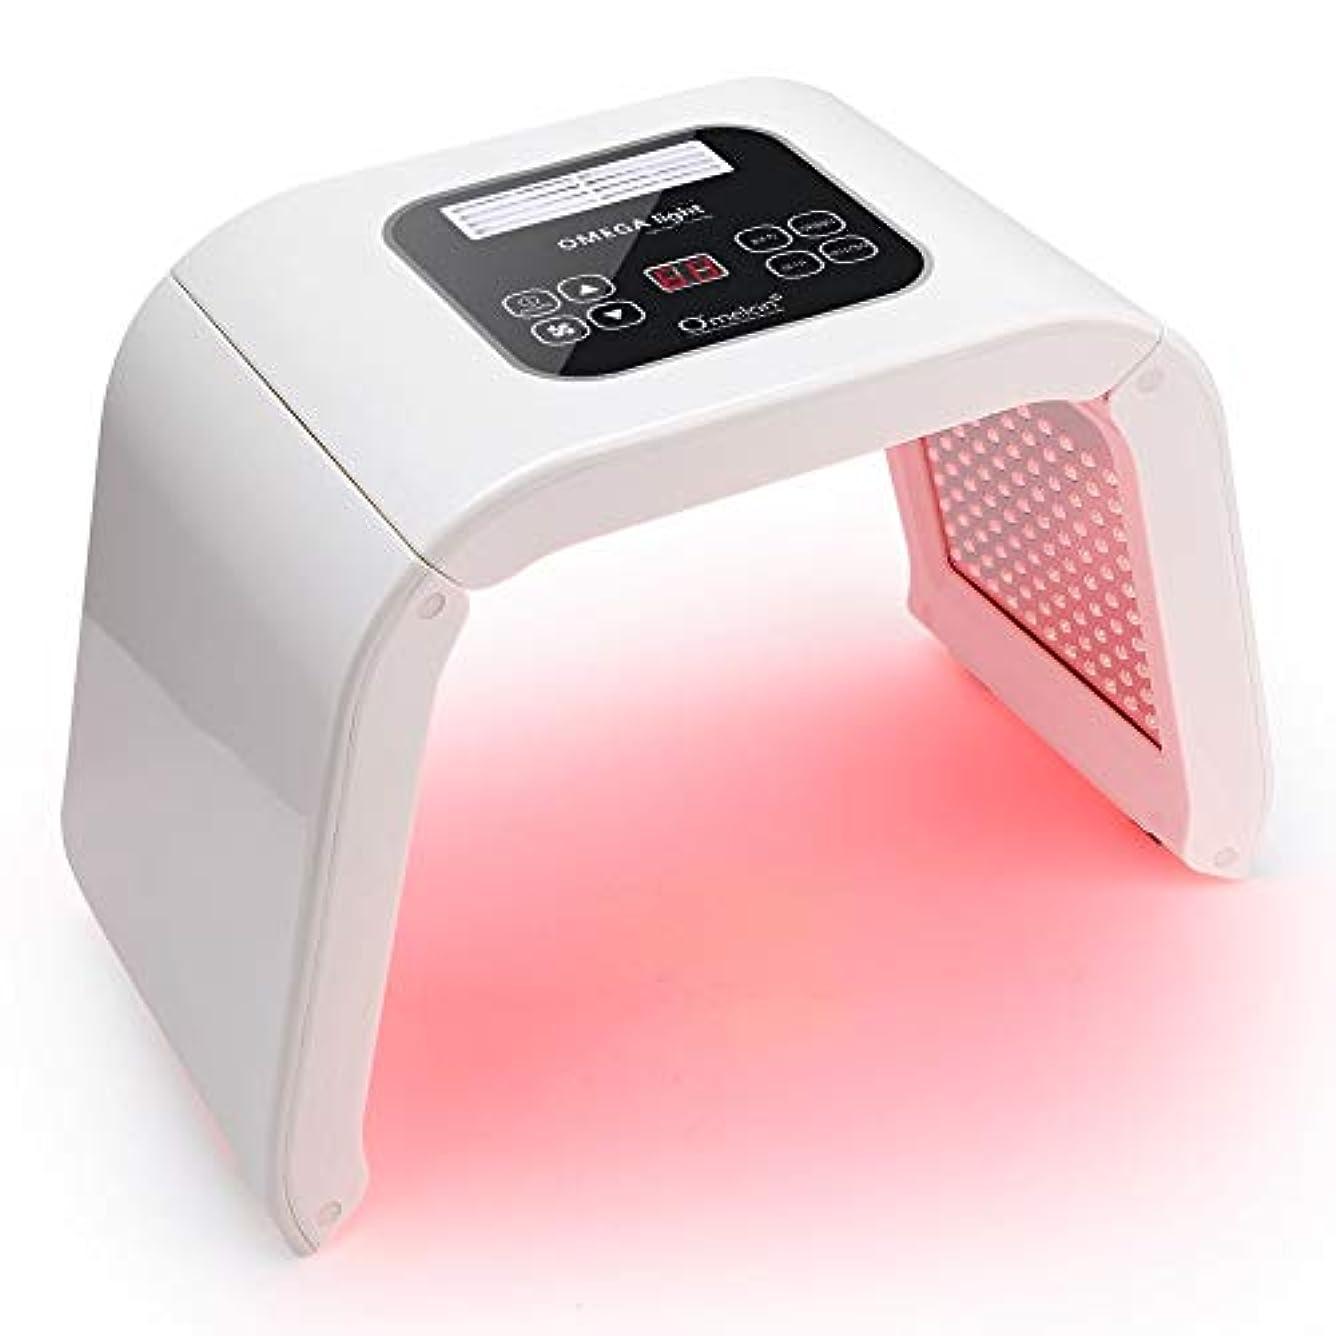 散歩に行く克服するに話すにきび治療LEDスキンケアツール、7色PDT LEDライト美容しわ除去フェイスケアマシン改善しわ(US Plug)